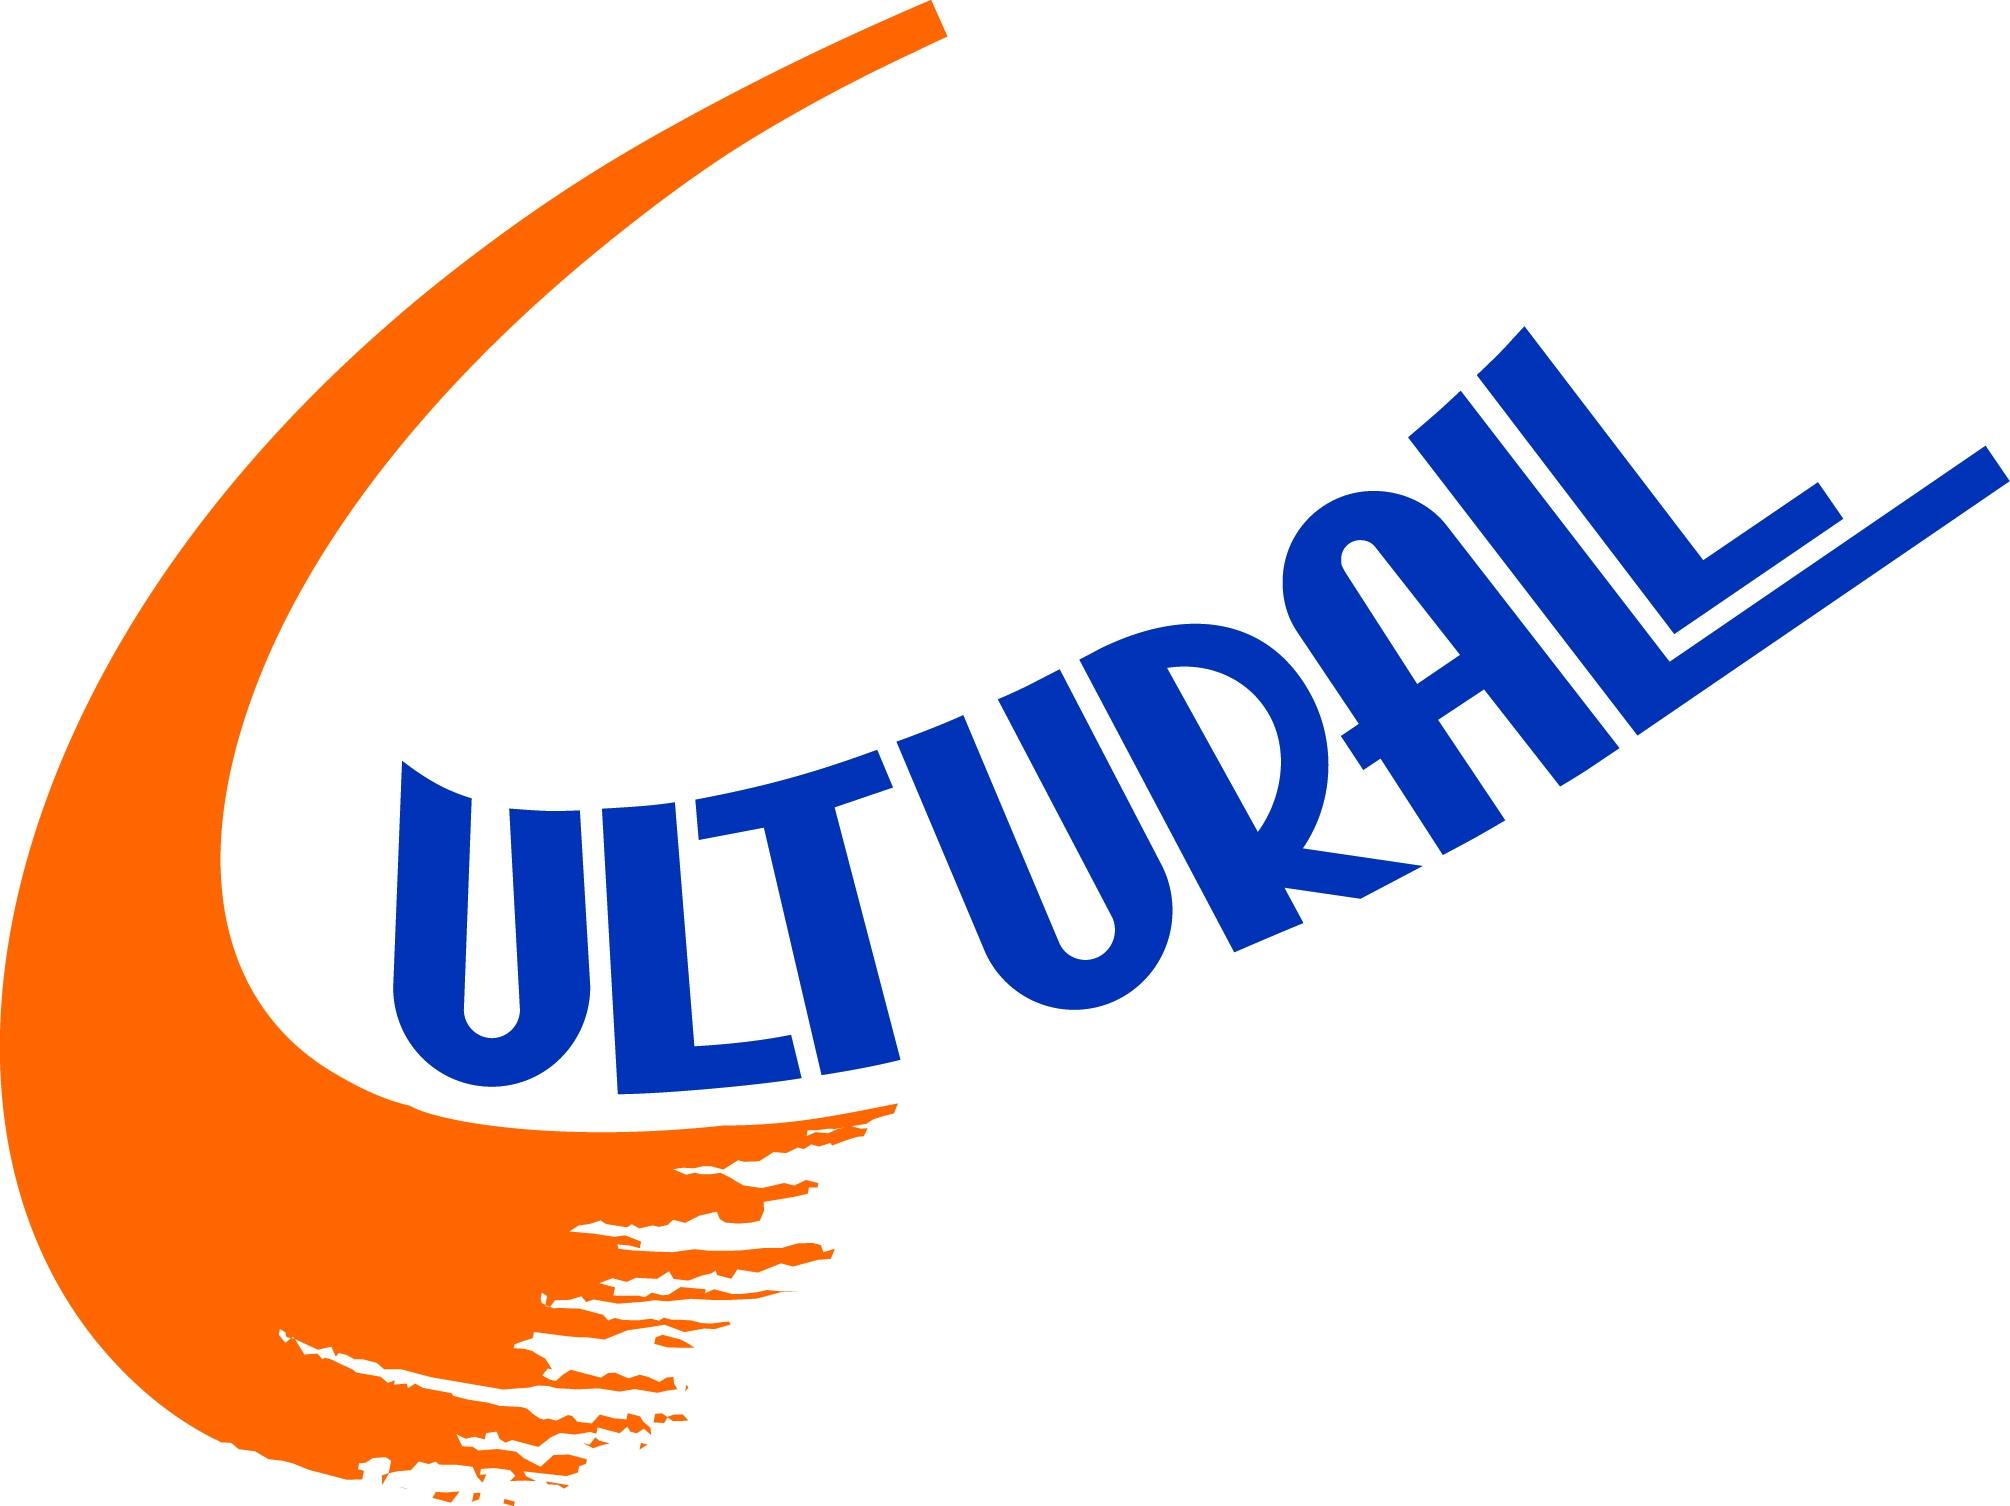 Culturall - Online buchen, live erleben